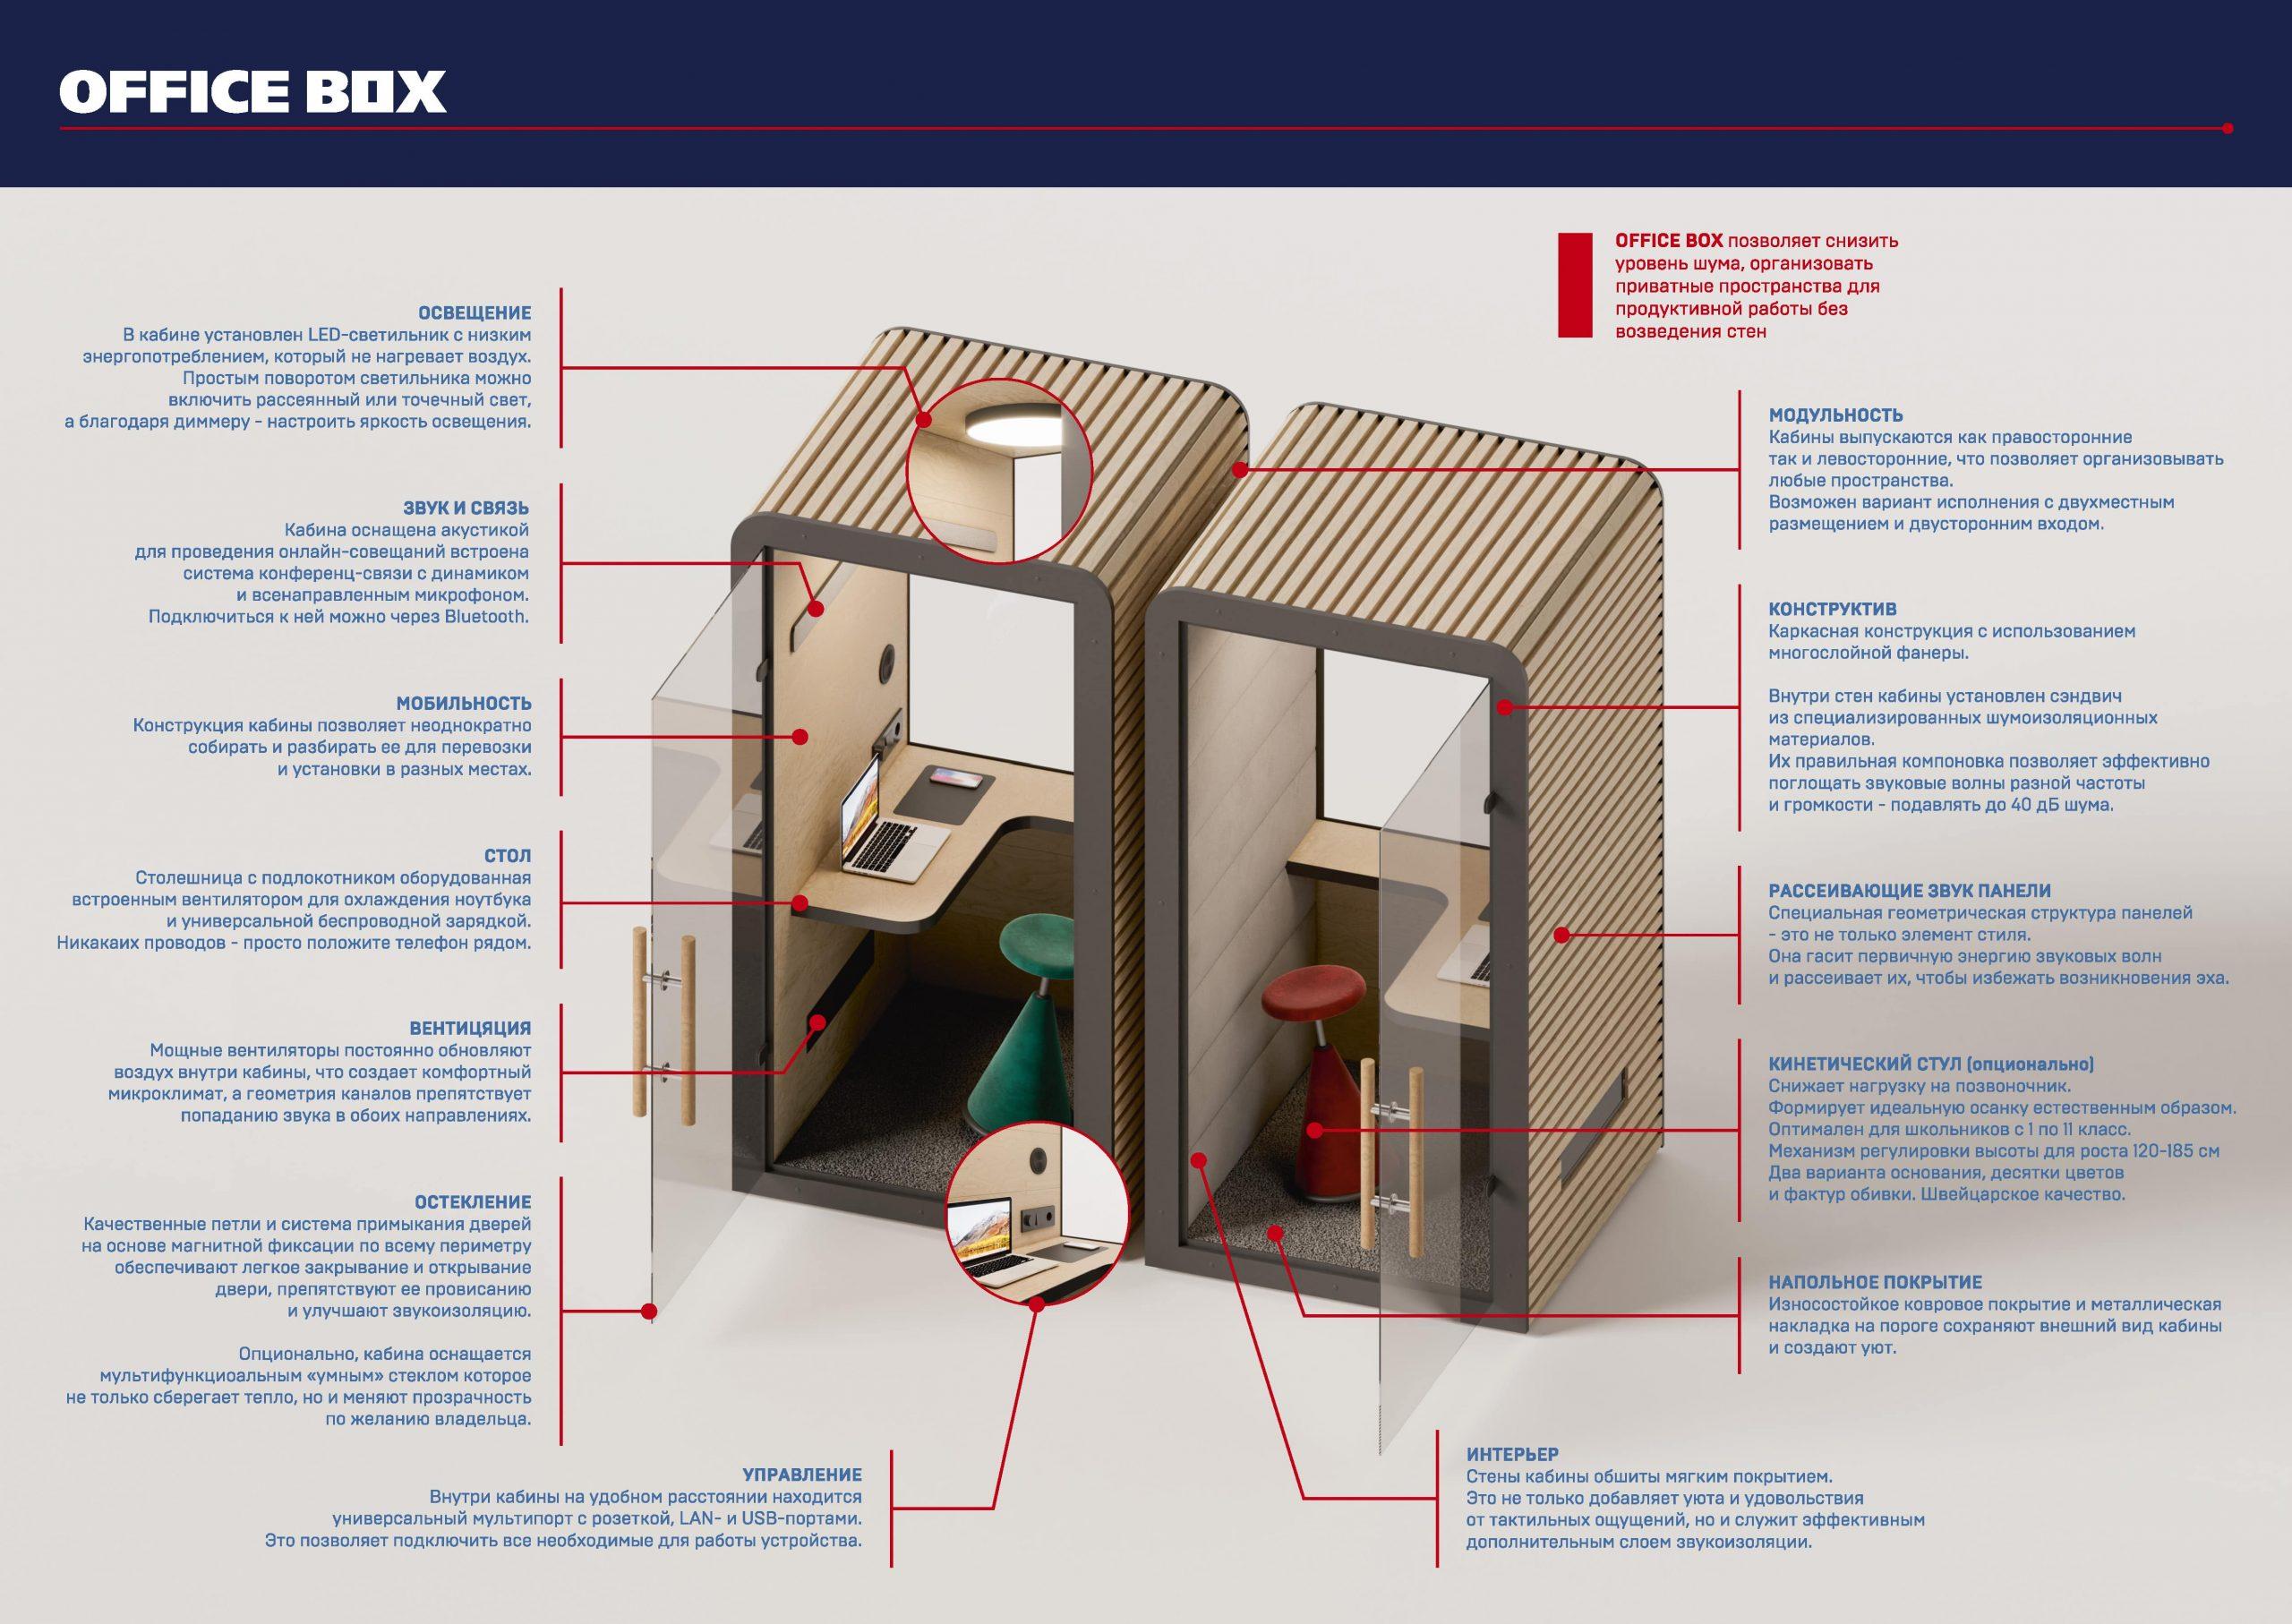 Изображения акустических кабинок и описание их преимуществ